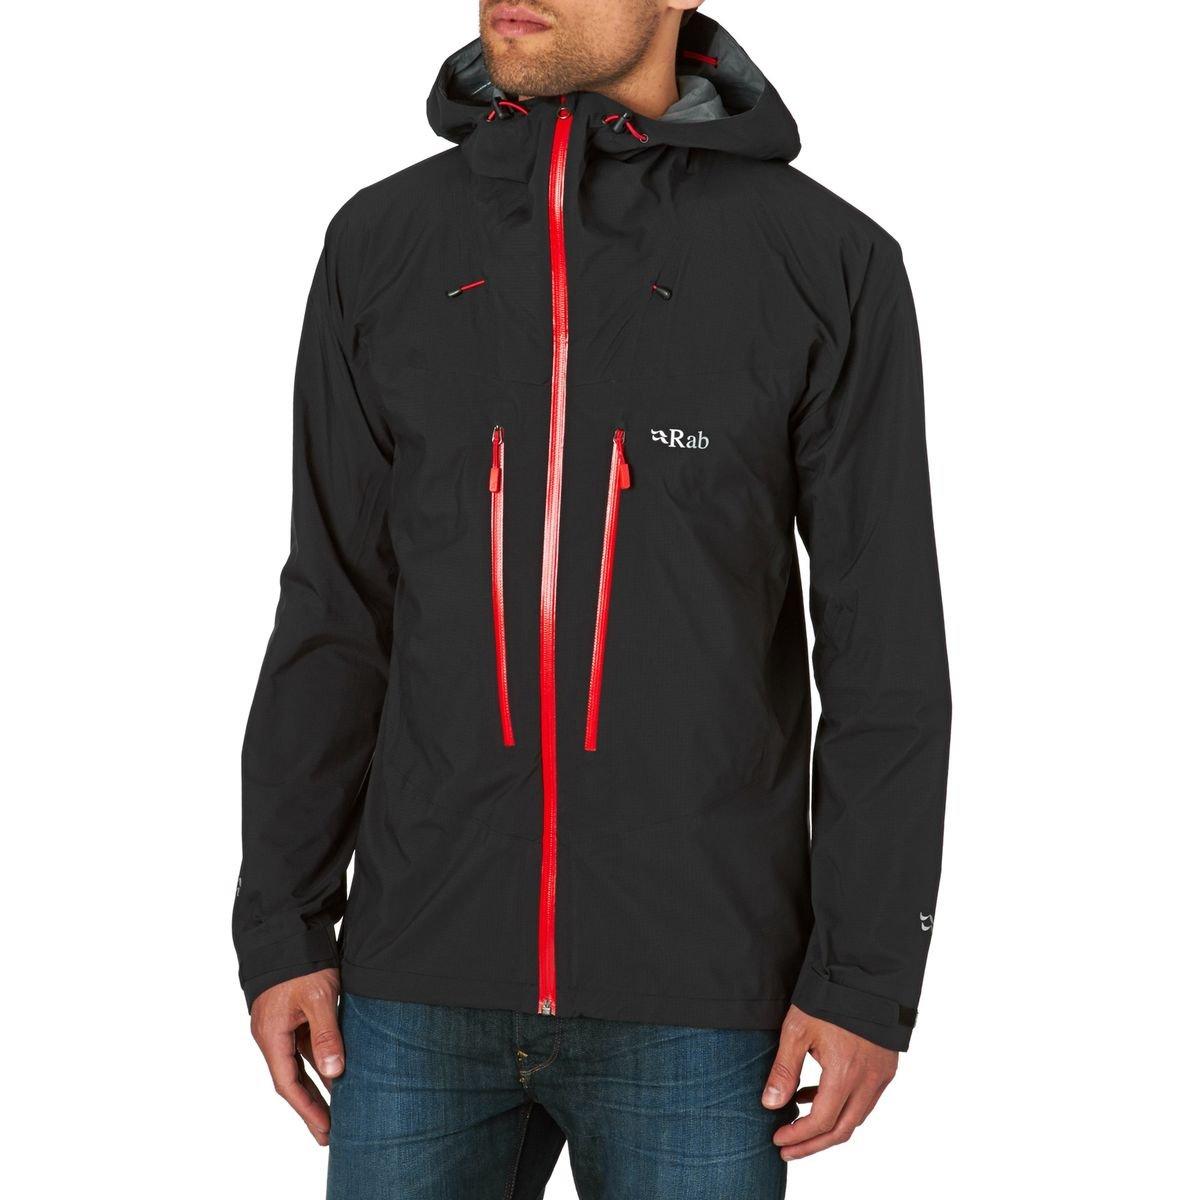 Rabジャケット – Rab Spark Jacket – ブラック B01BN16S7S X-Large|ブラック ブラック X-Large